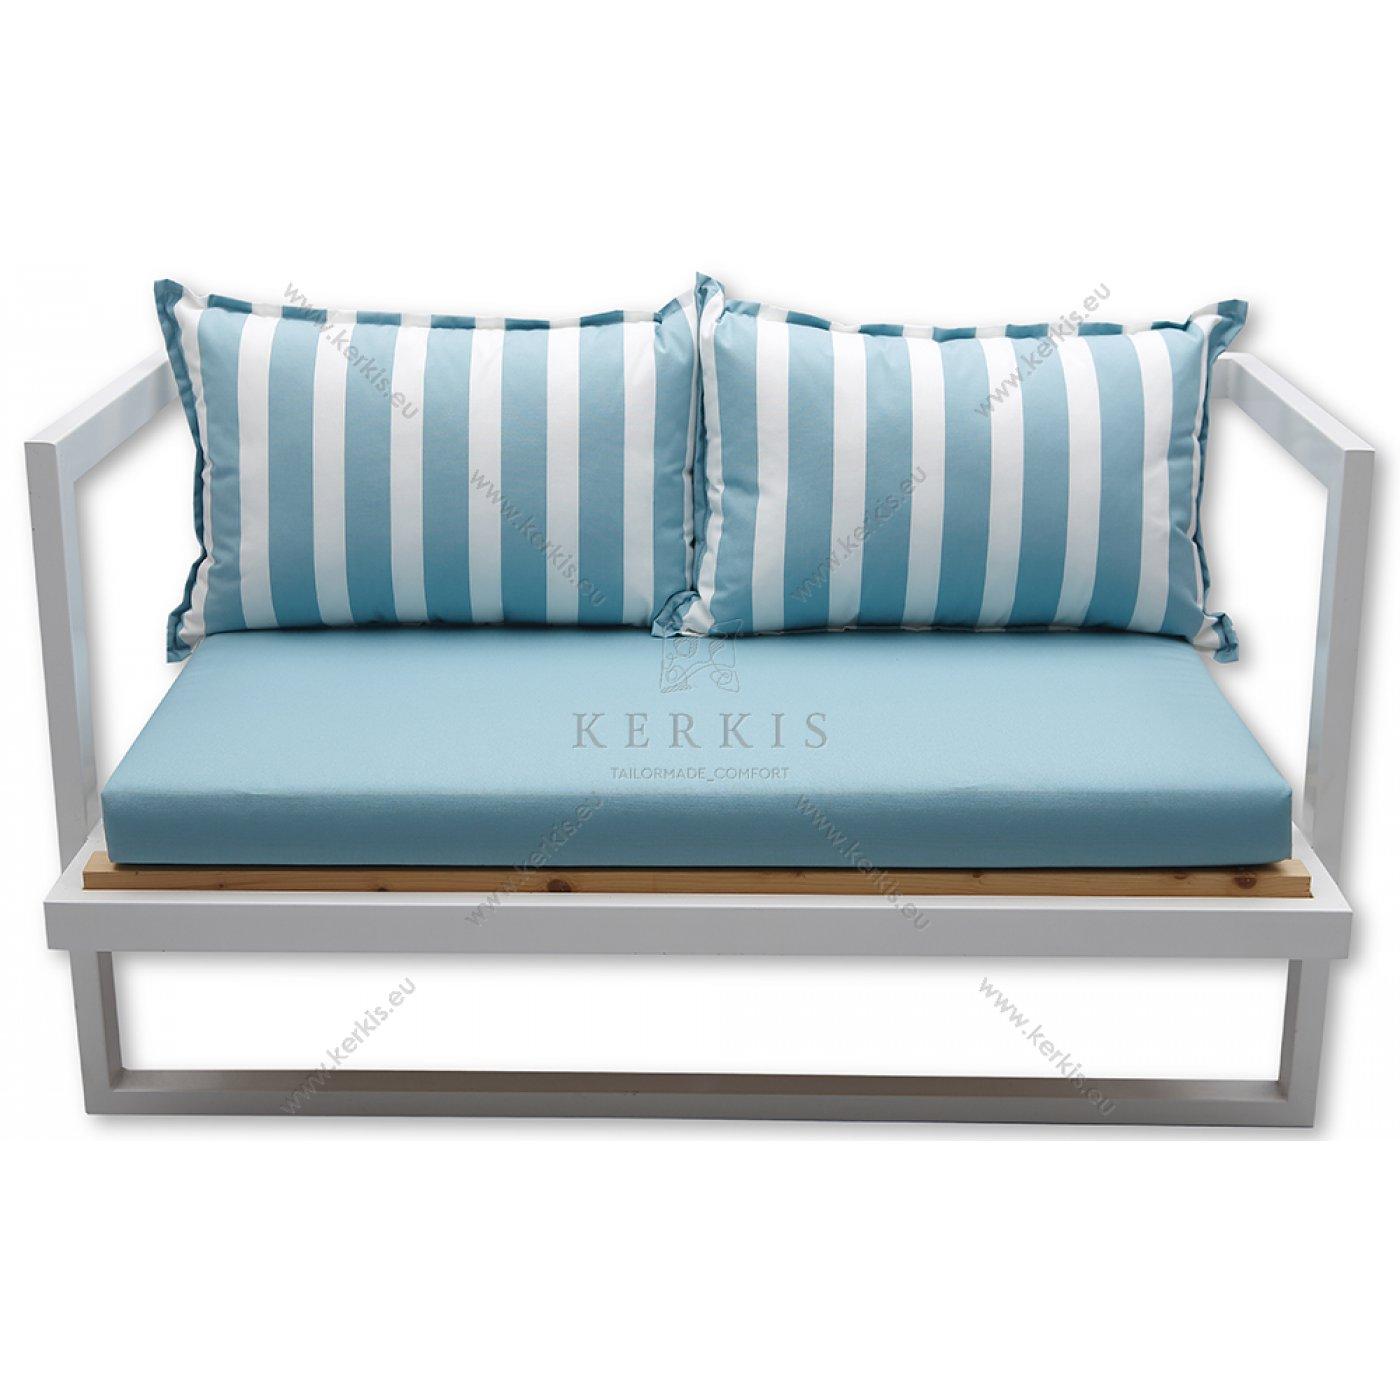 Μαξιλάρια καναπέ κατά παραγγελία